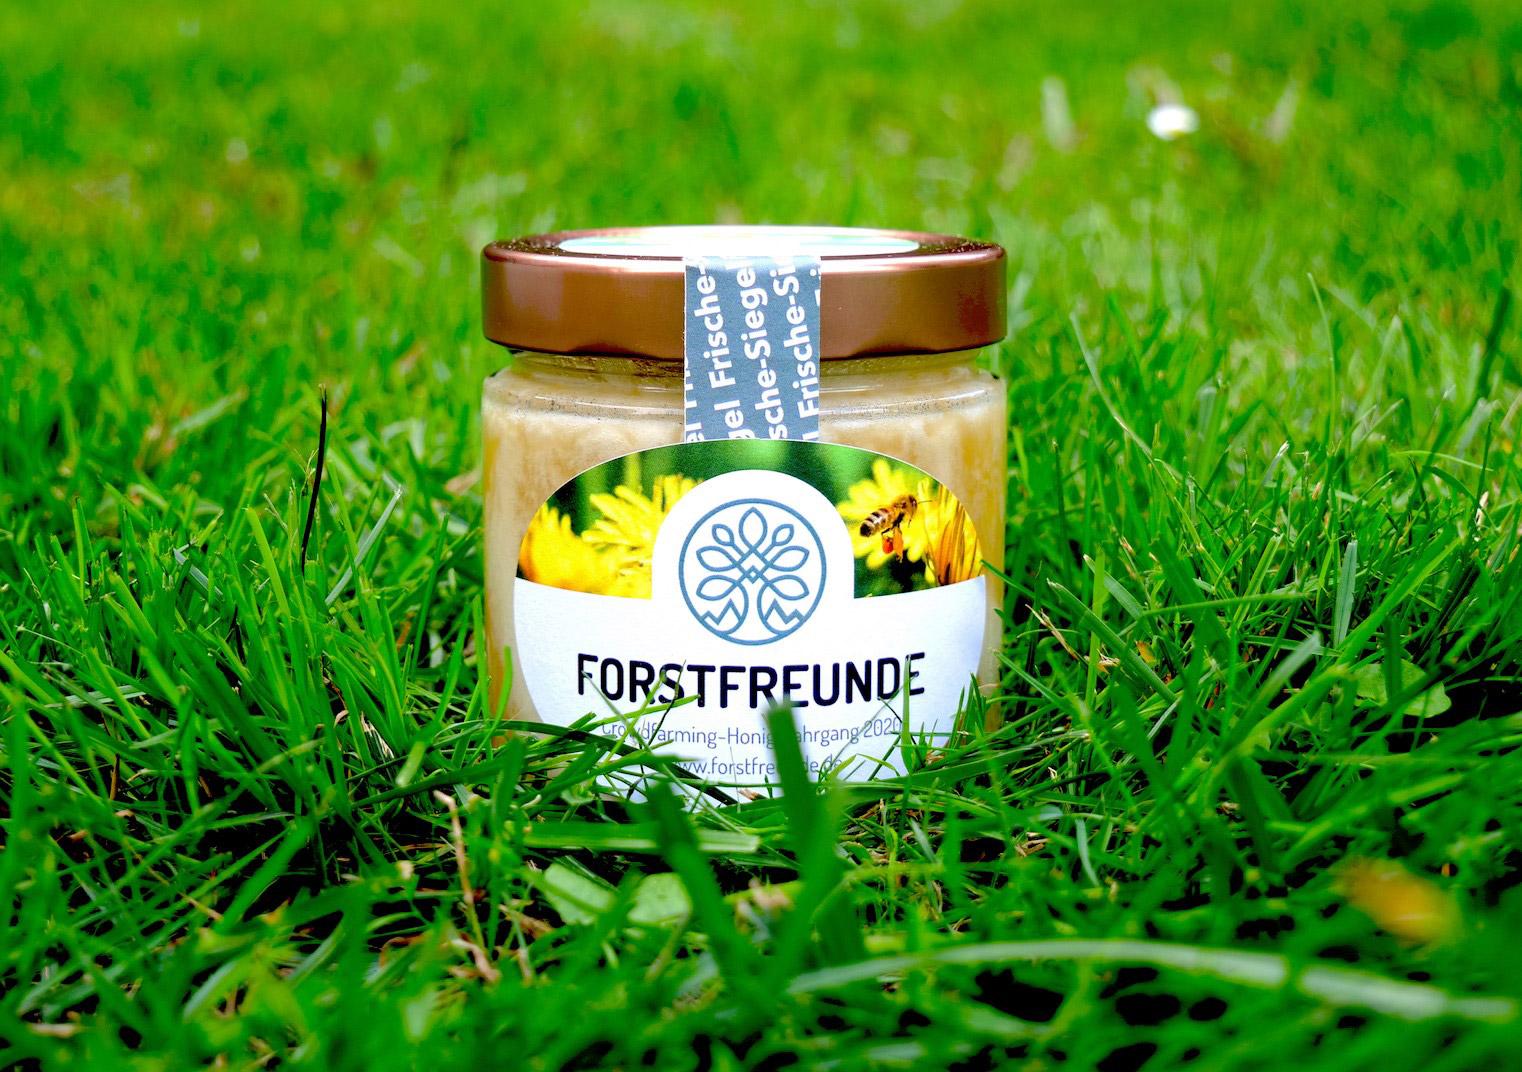 Honig aus einem Crowdfarming-Projekt von Forstfreunde